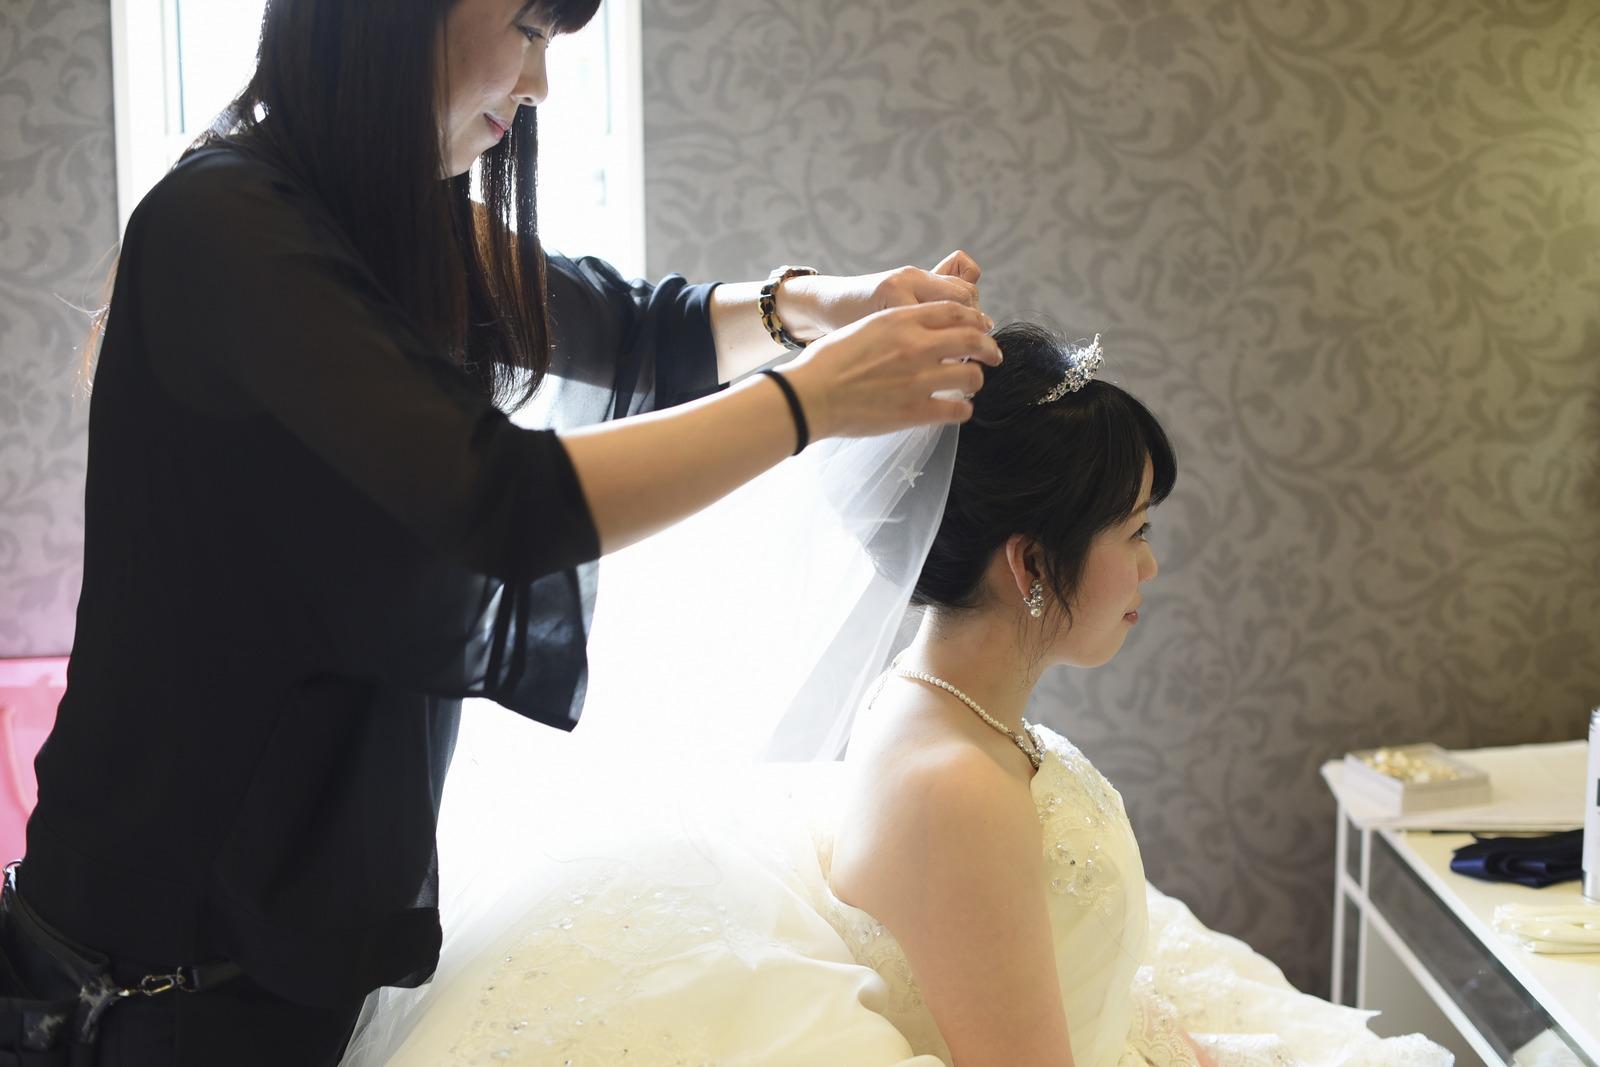 徳島市の結婚式場ブランアンジュの控室で支度をする新婦